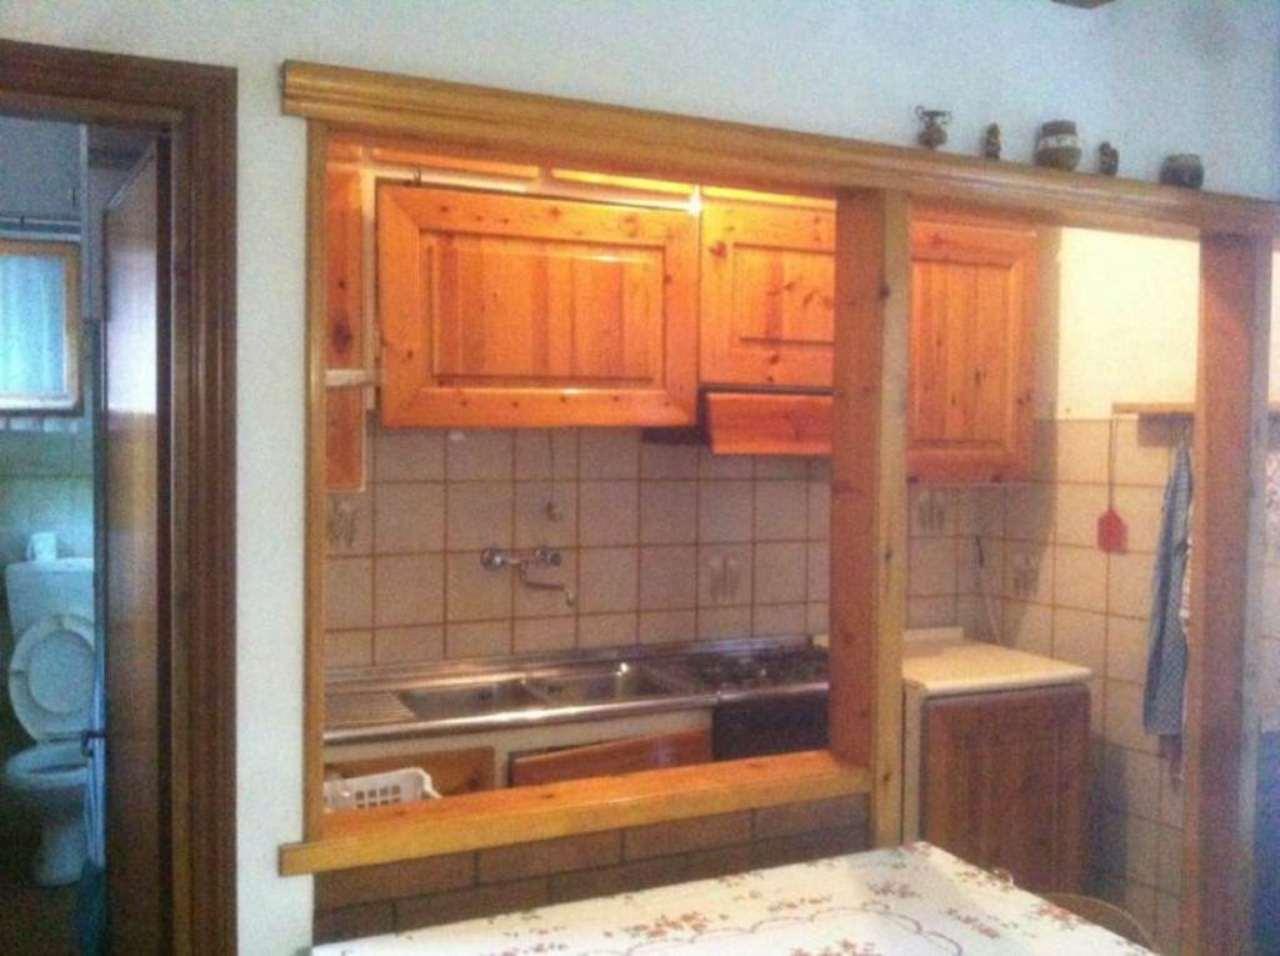 Palazzo / Stabile in vendita a Mercato Saraceno, 3 locali, prezzo € 70.000 | Cambio Casa.it